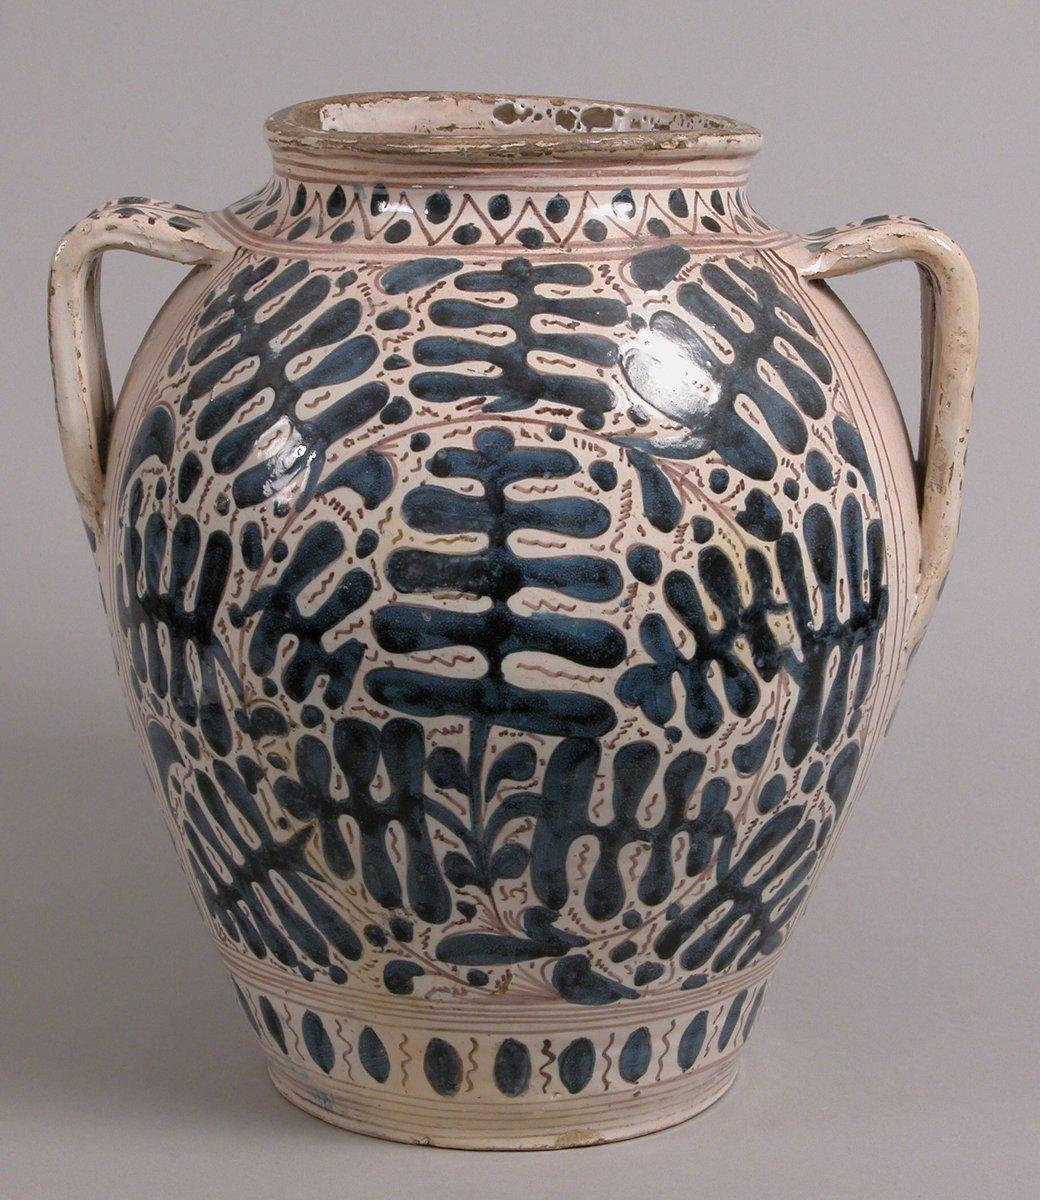 Two-Handled Jar  #MedievalArt #metmuseum